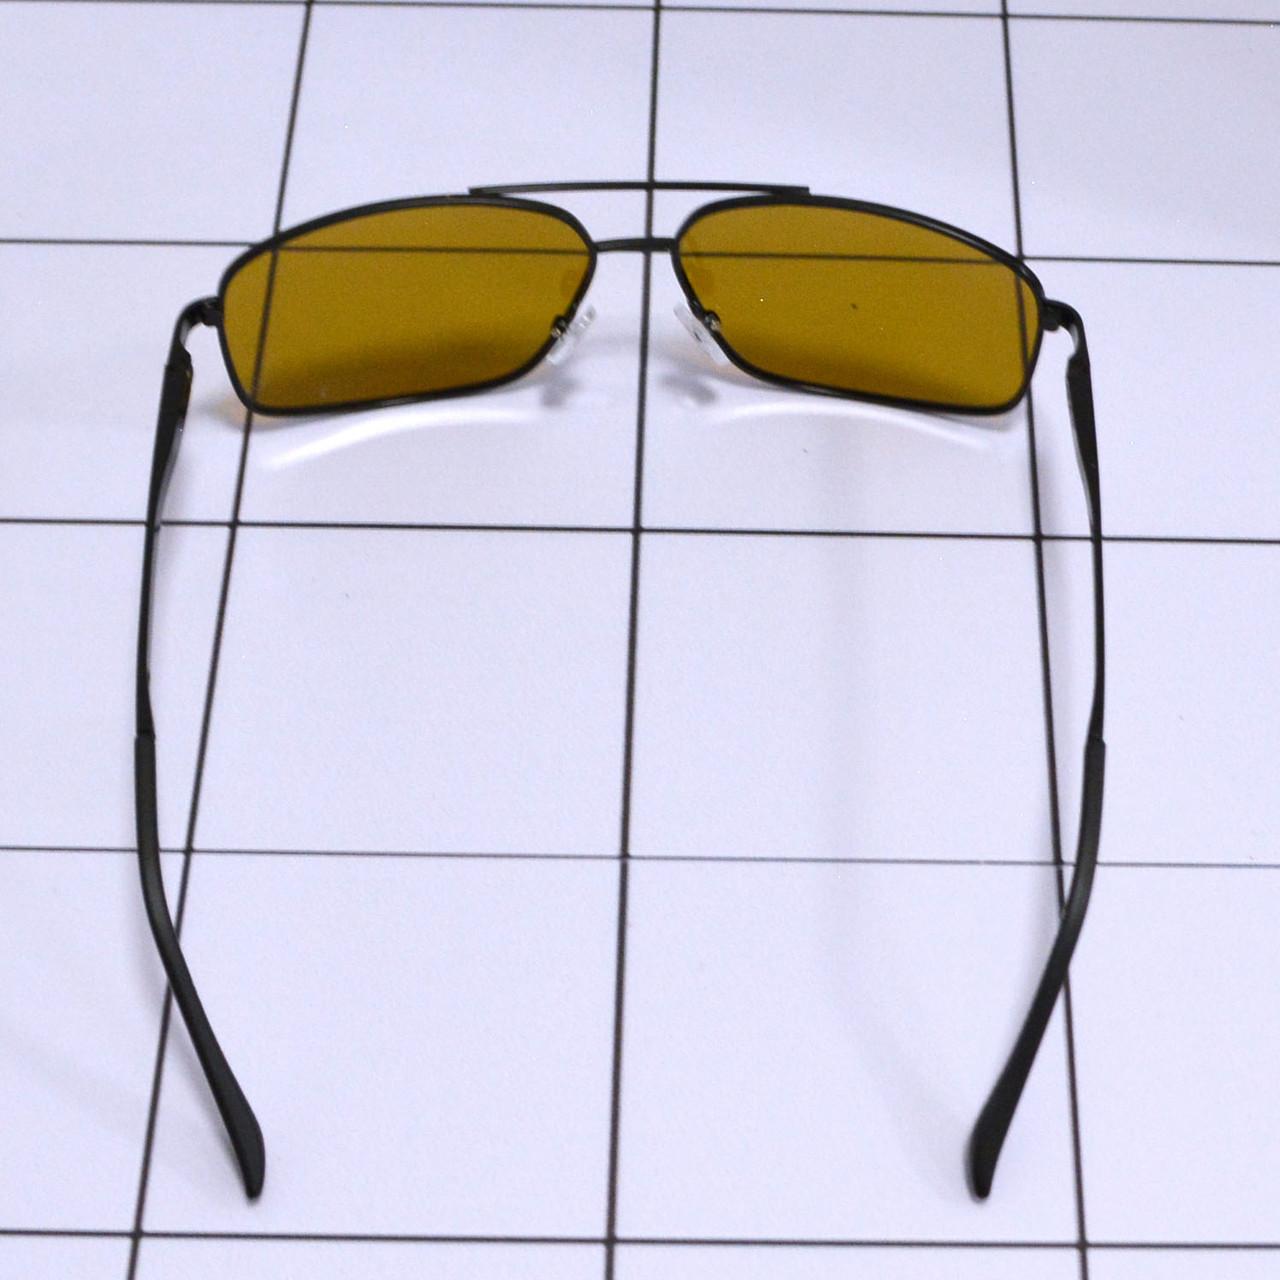 Солнцезащитные поляризационные очки ПОЛАРОИД UV400 тонкая сдвоенная оправа коричневые стекла АВТО PX16119 - фото 6